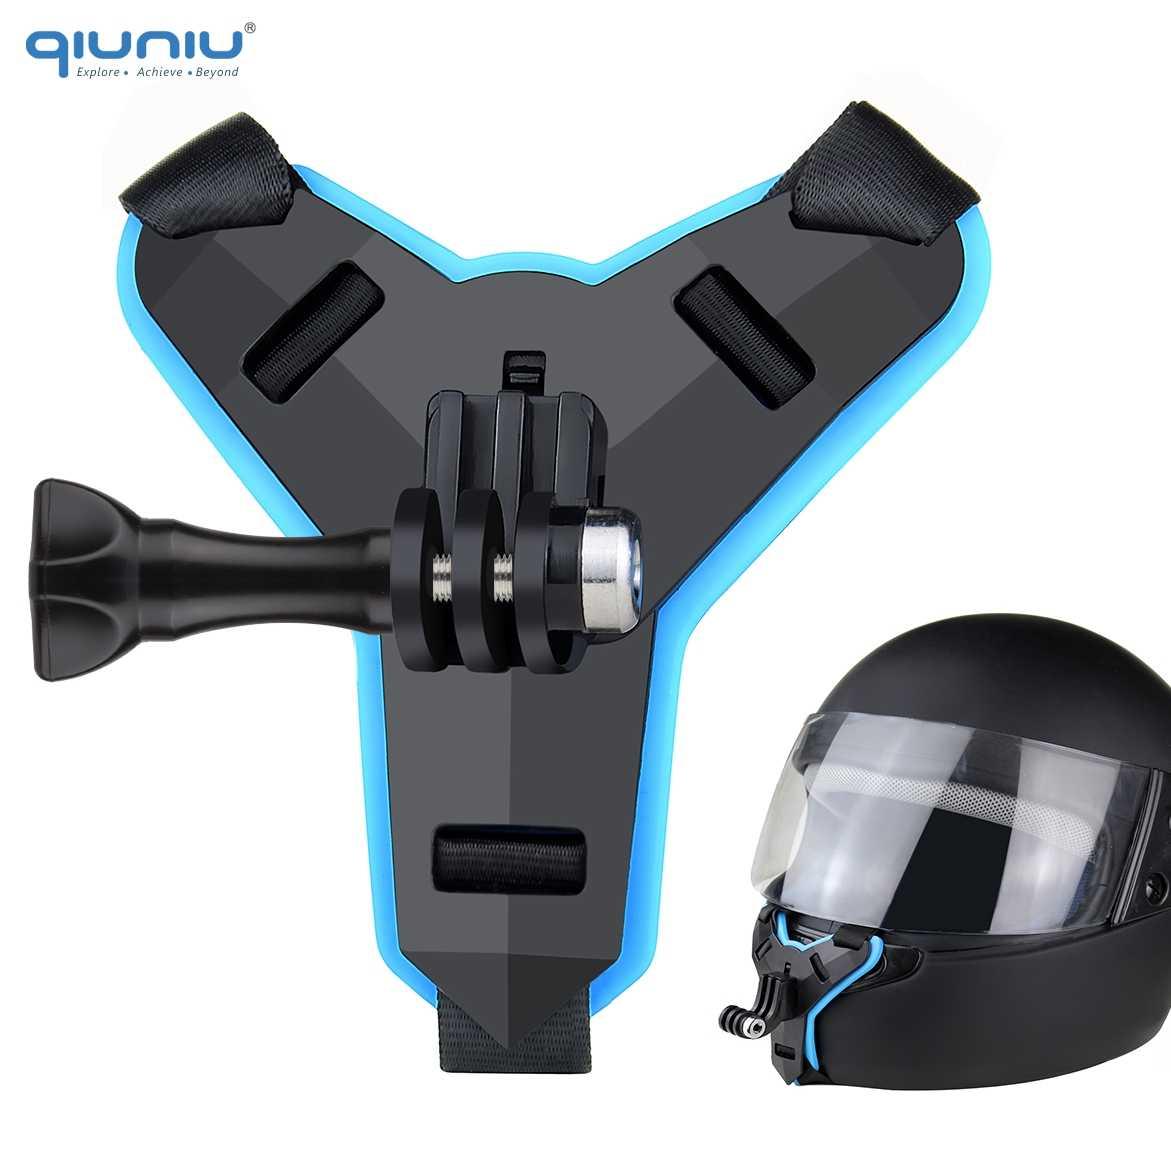 QIUNIU kask motocyklowy przedni uchwyt podbródka stały pasek uchwyt na GoPro Hero 9 8 7 5 4 3 dla DJI OSMO Action Accessory